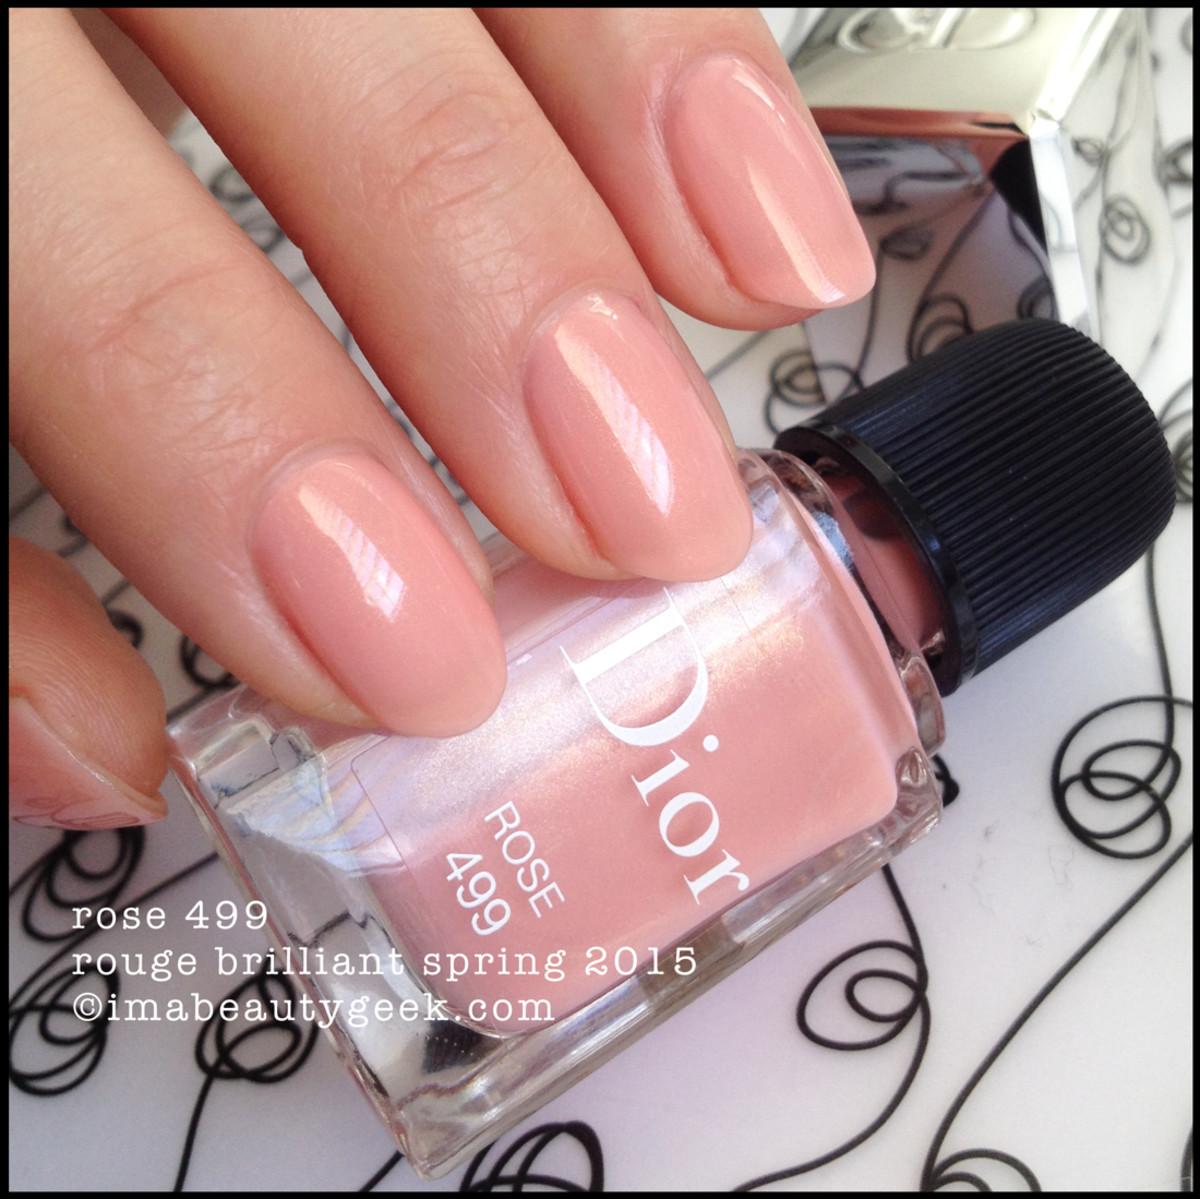 Dior Rouge Brilliant Vernis Spring 2015_Dior Rose 499